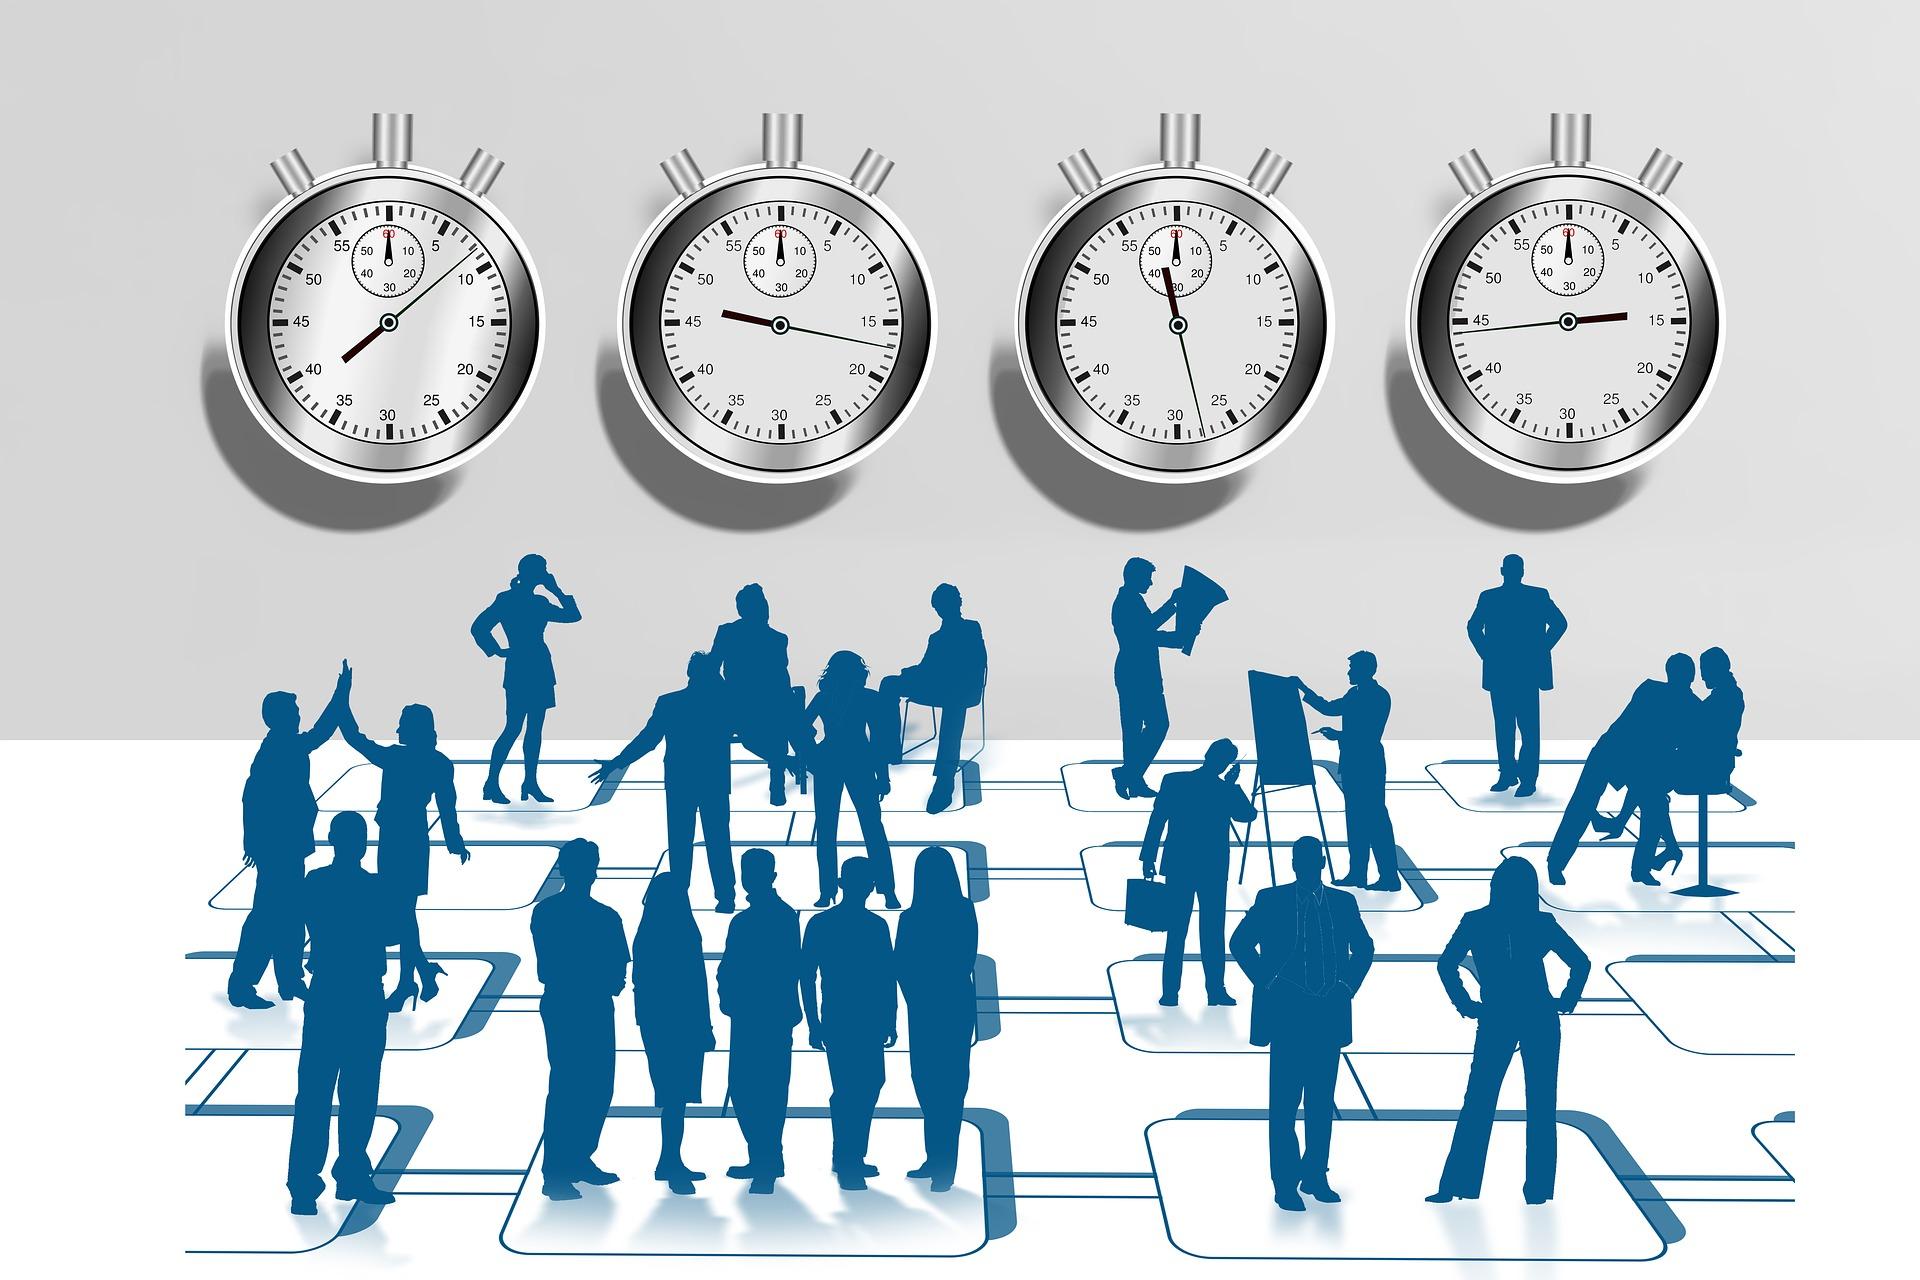 Magická minuta: Co se stane na světě za 60 vteřin?